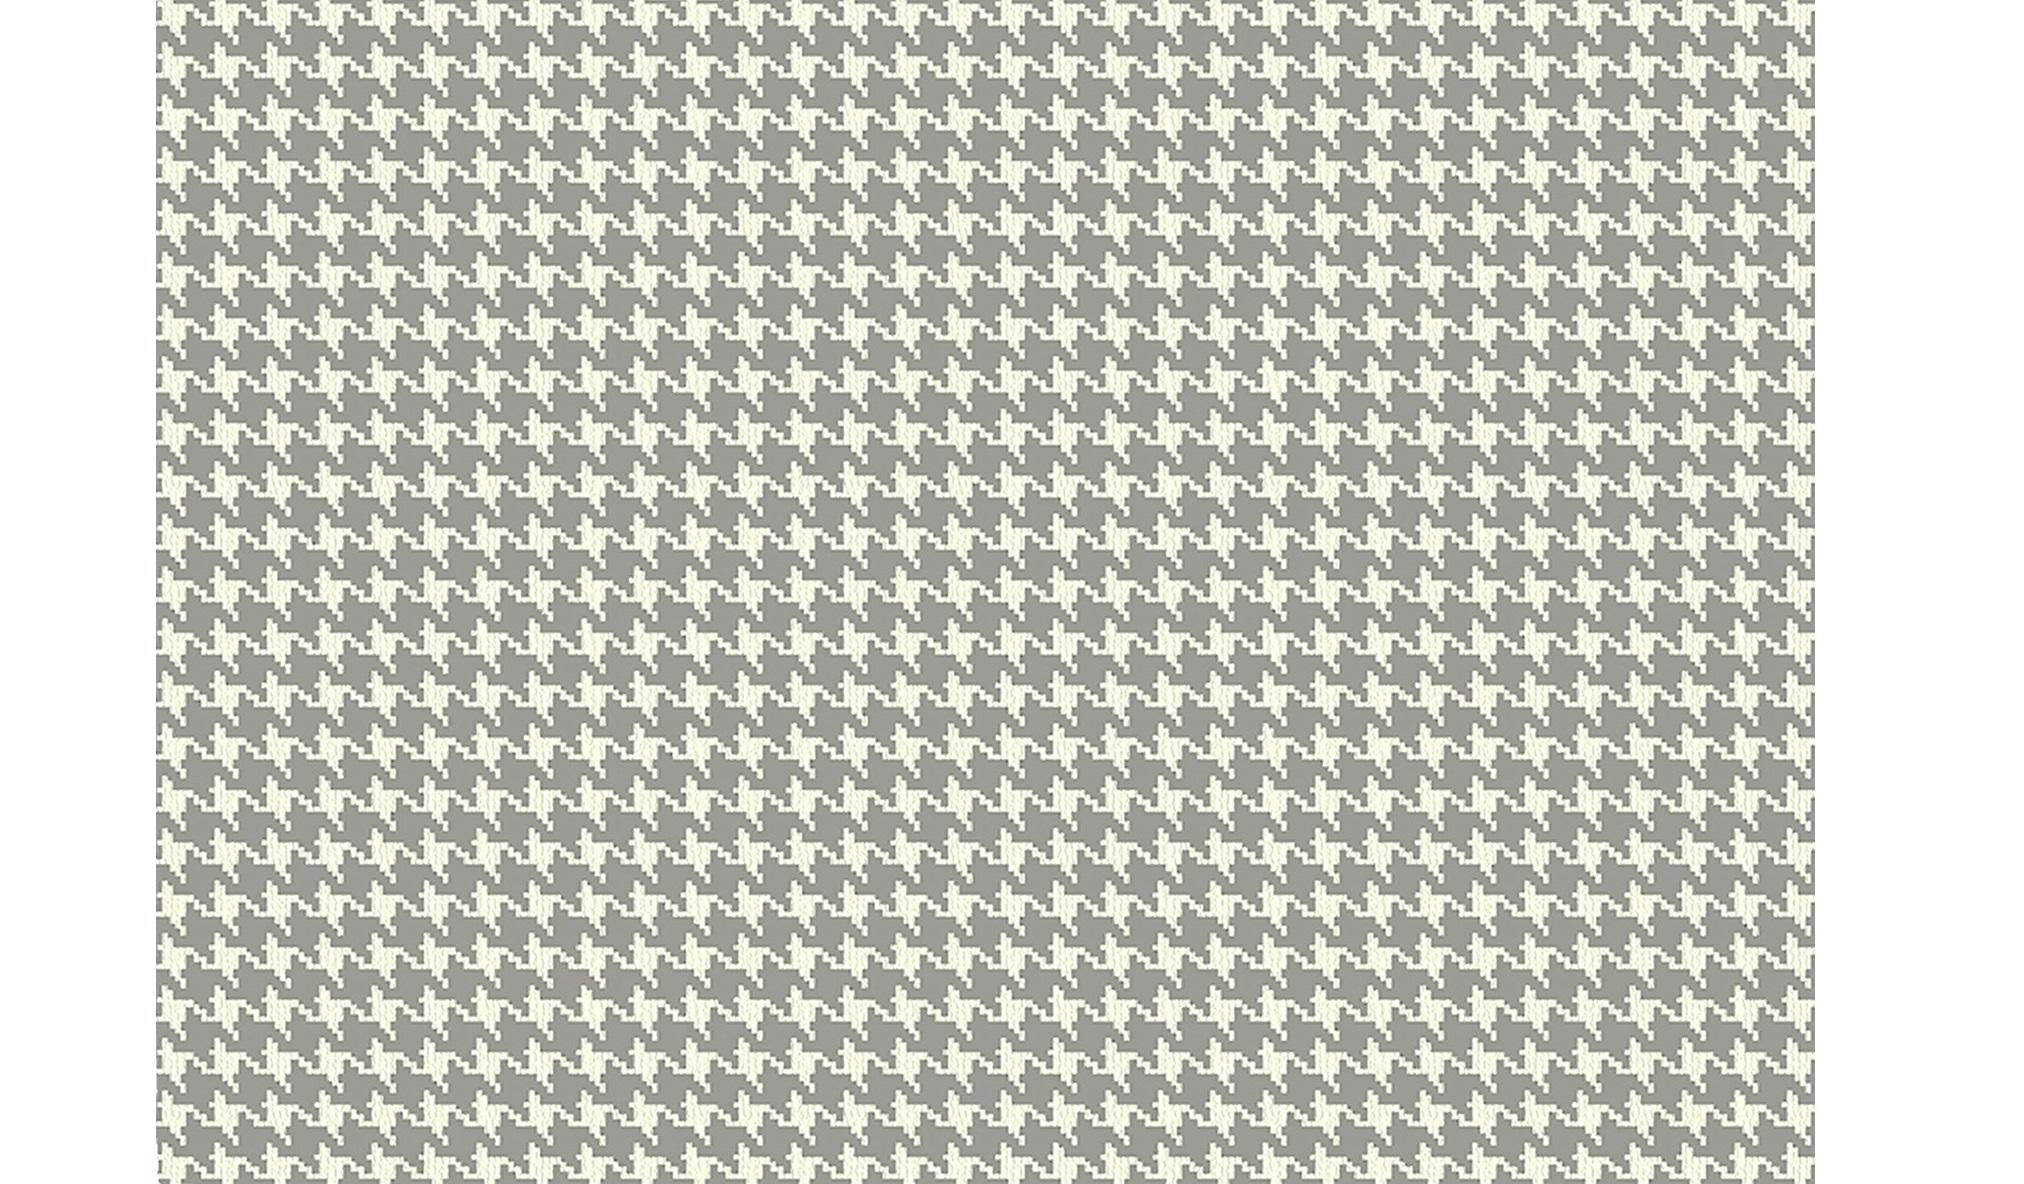 Ковер ReflexПрямоугольные ковры<br>Полуплоский ковер с комбинированным ворсом - очень эффектно смотрится в интересных дизайнах. &amp;lt;div&amp;gt;Материал: 100% Полипропилен&amp;lt;br&amp;gt;&amp;lt;/div&amp;gt;<br><br>Material: Текстиль<br>Ширина см: 150<br>Высота см: 50